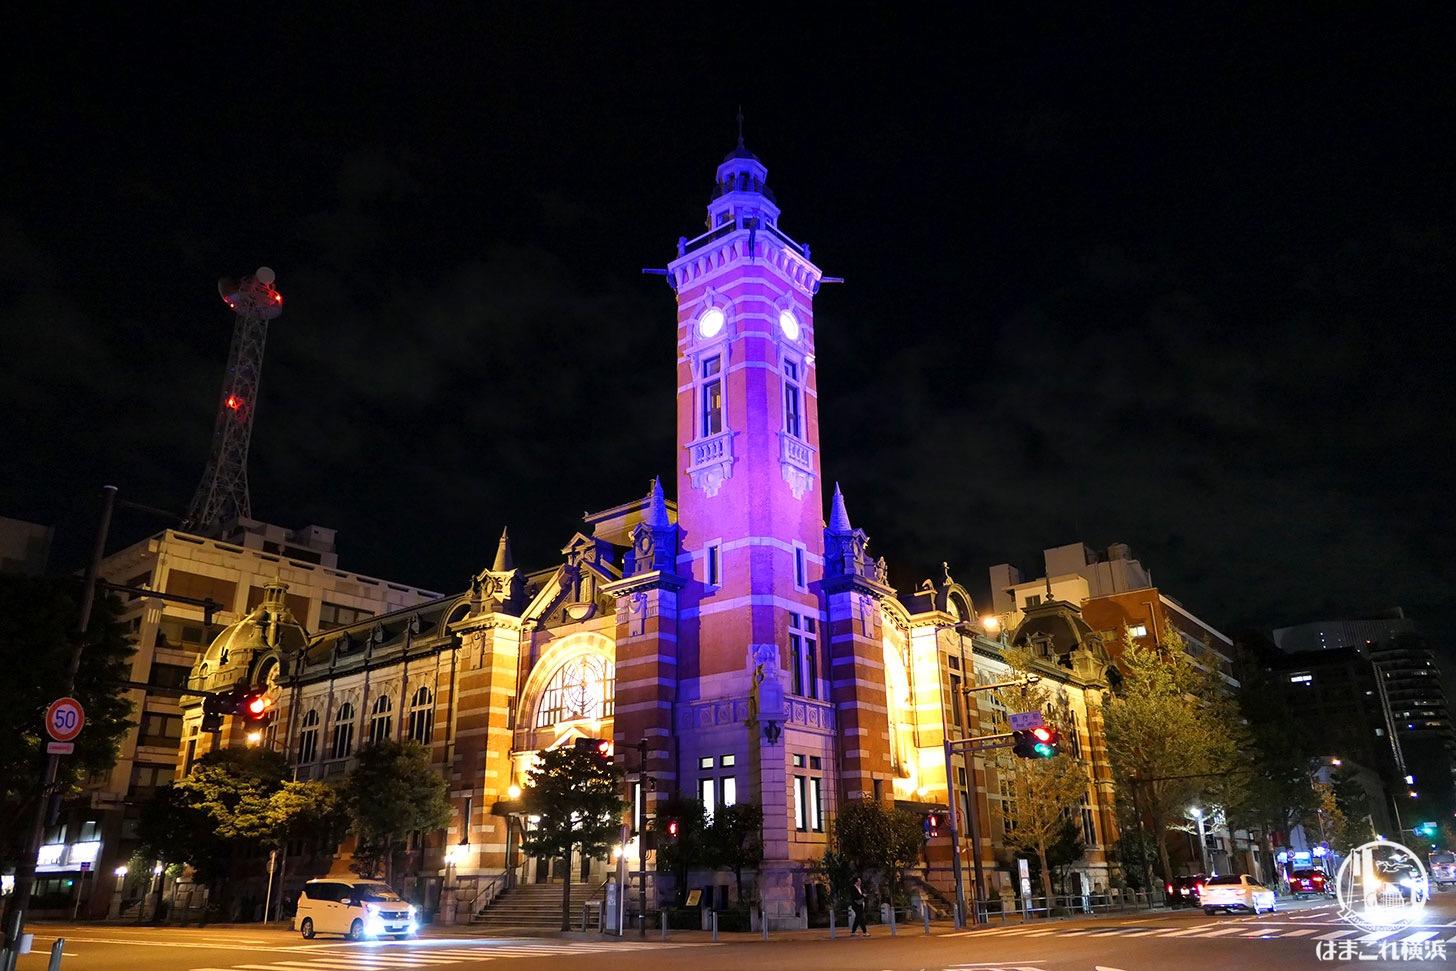 横浜市開港記念会館 ライトアップ